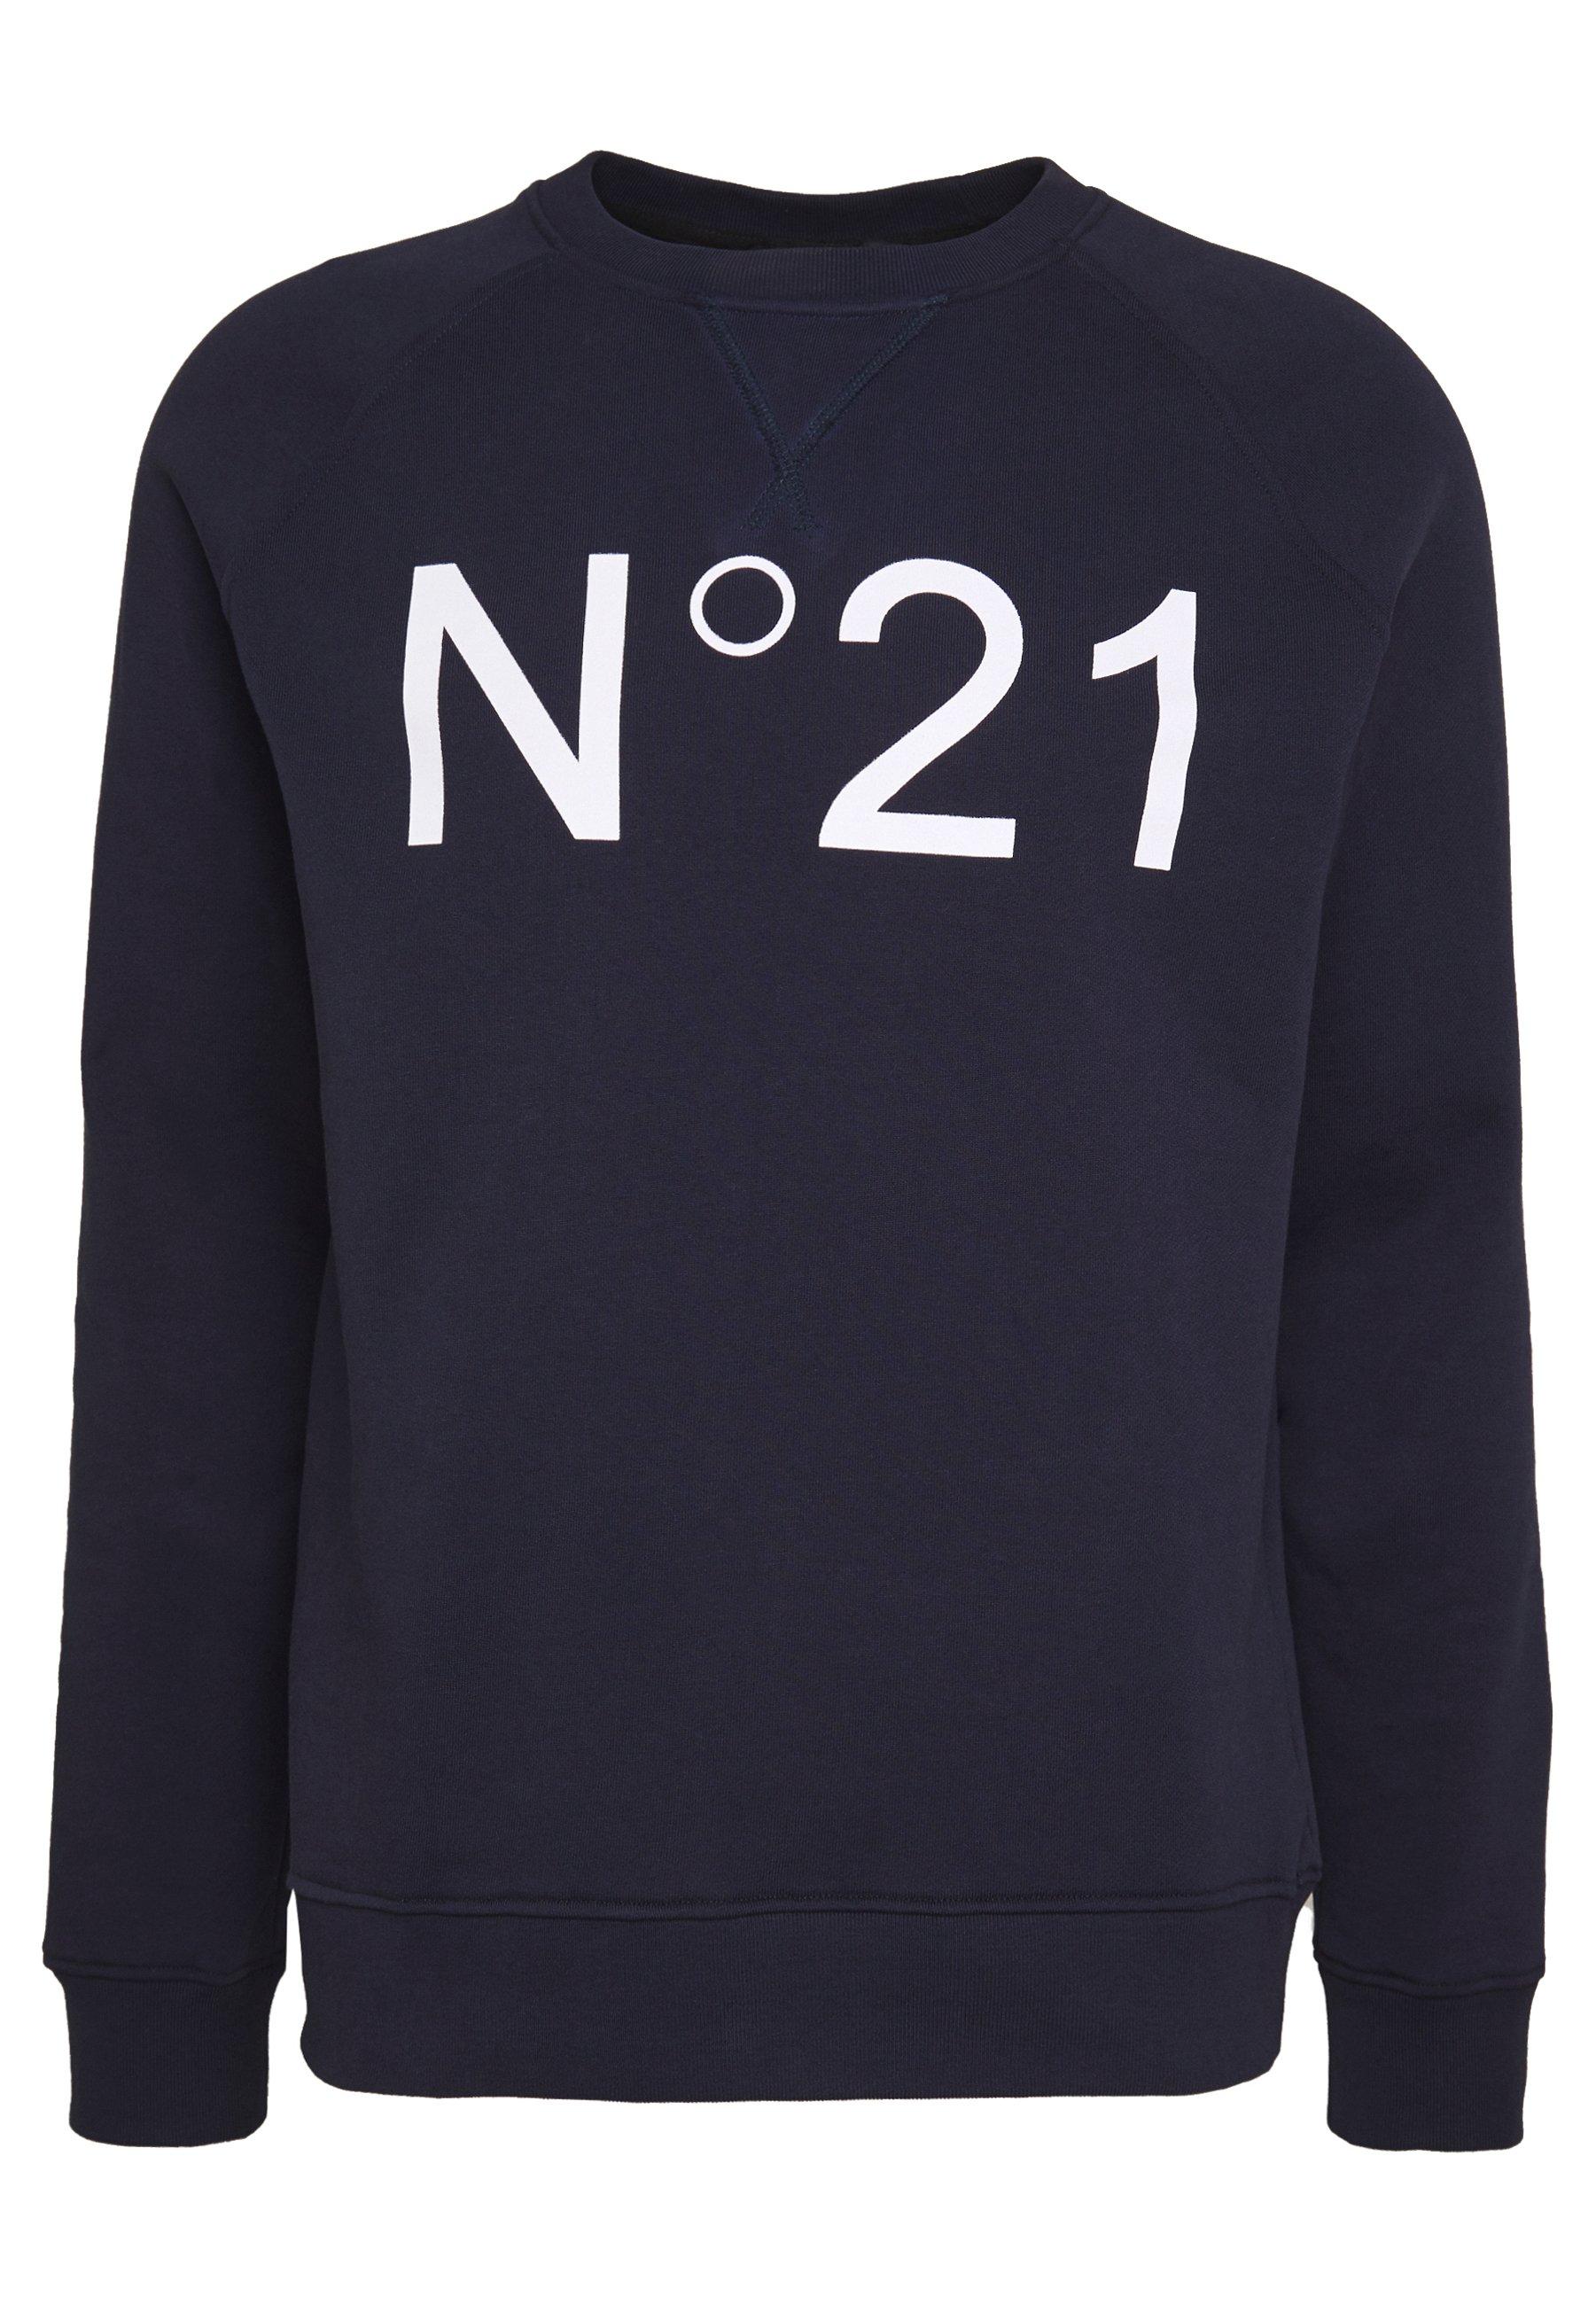 N°21 Sweatshirt - dark blue